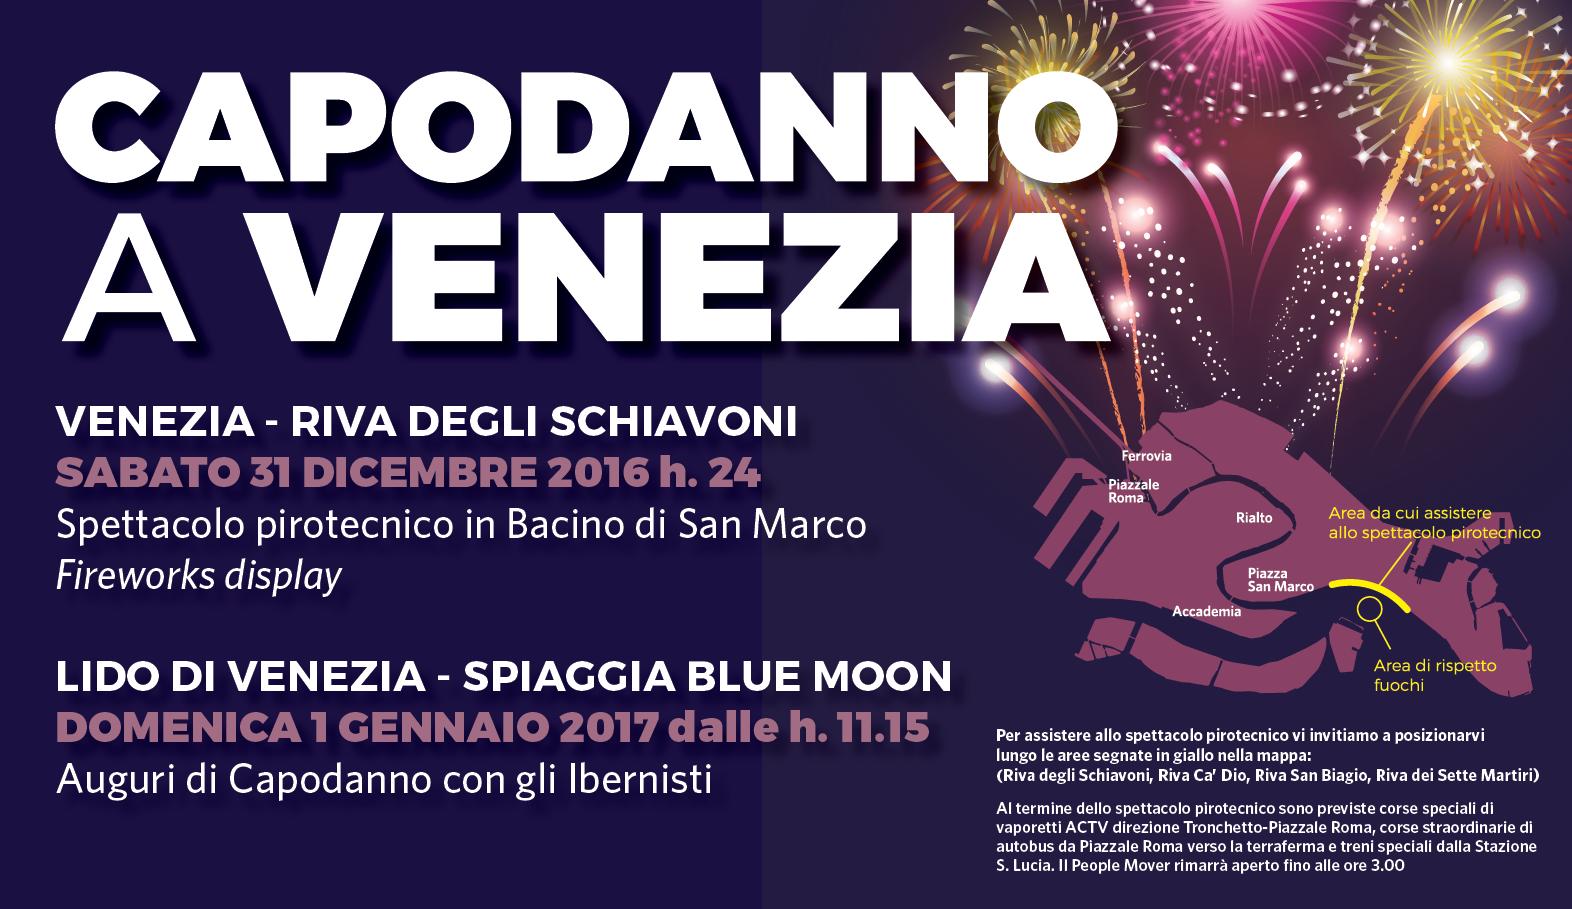 Capodanno 2017 A Venezia E A Mestre Events Venezia Unica